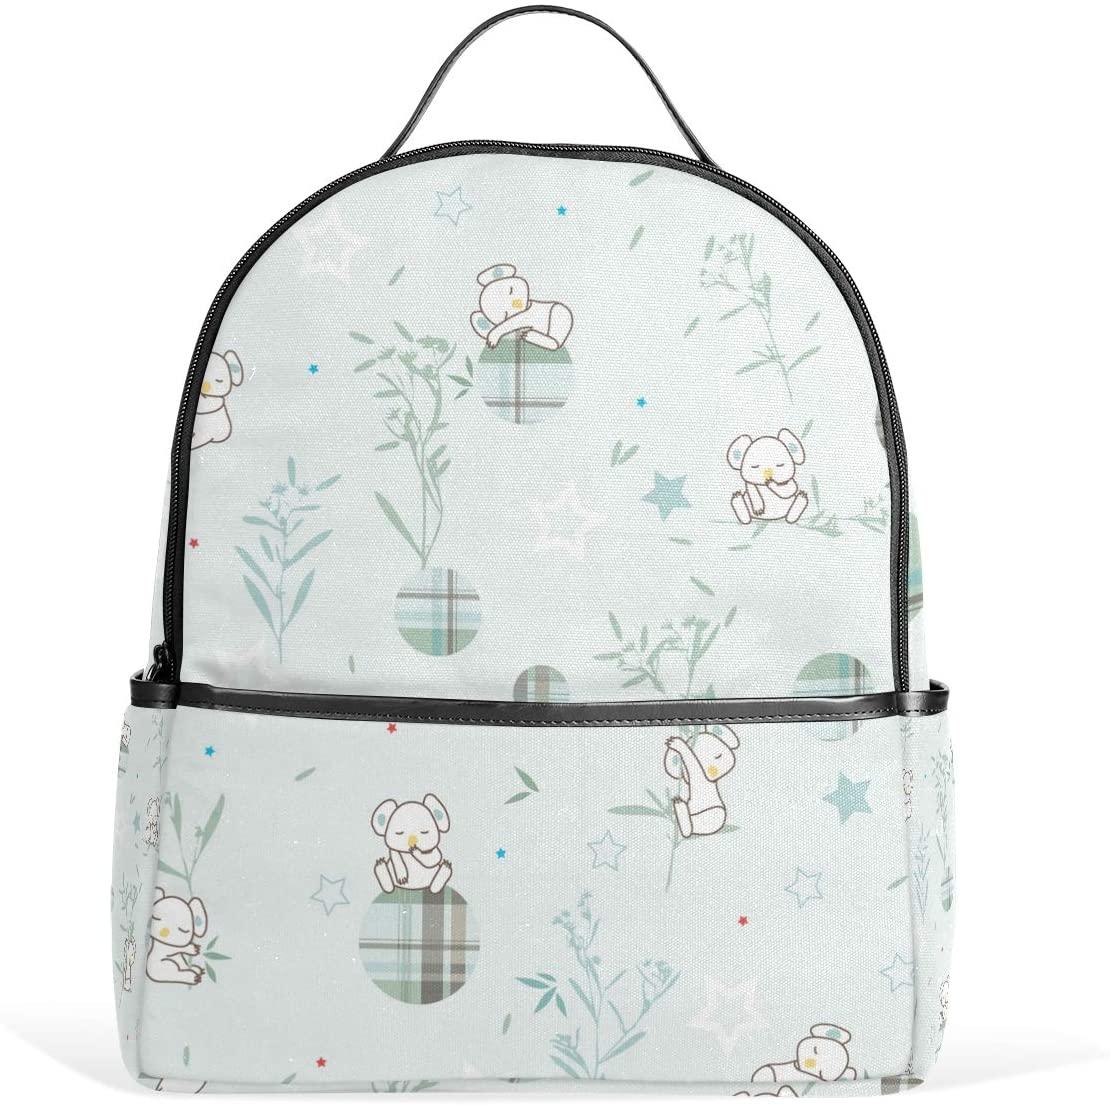 Kids' School Backpack Sleeping Koala Bookbag for Boys Girls Lightweight Casual Travel Bag Large Capacity Daypack